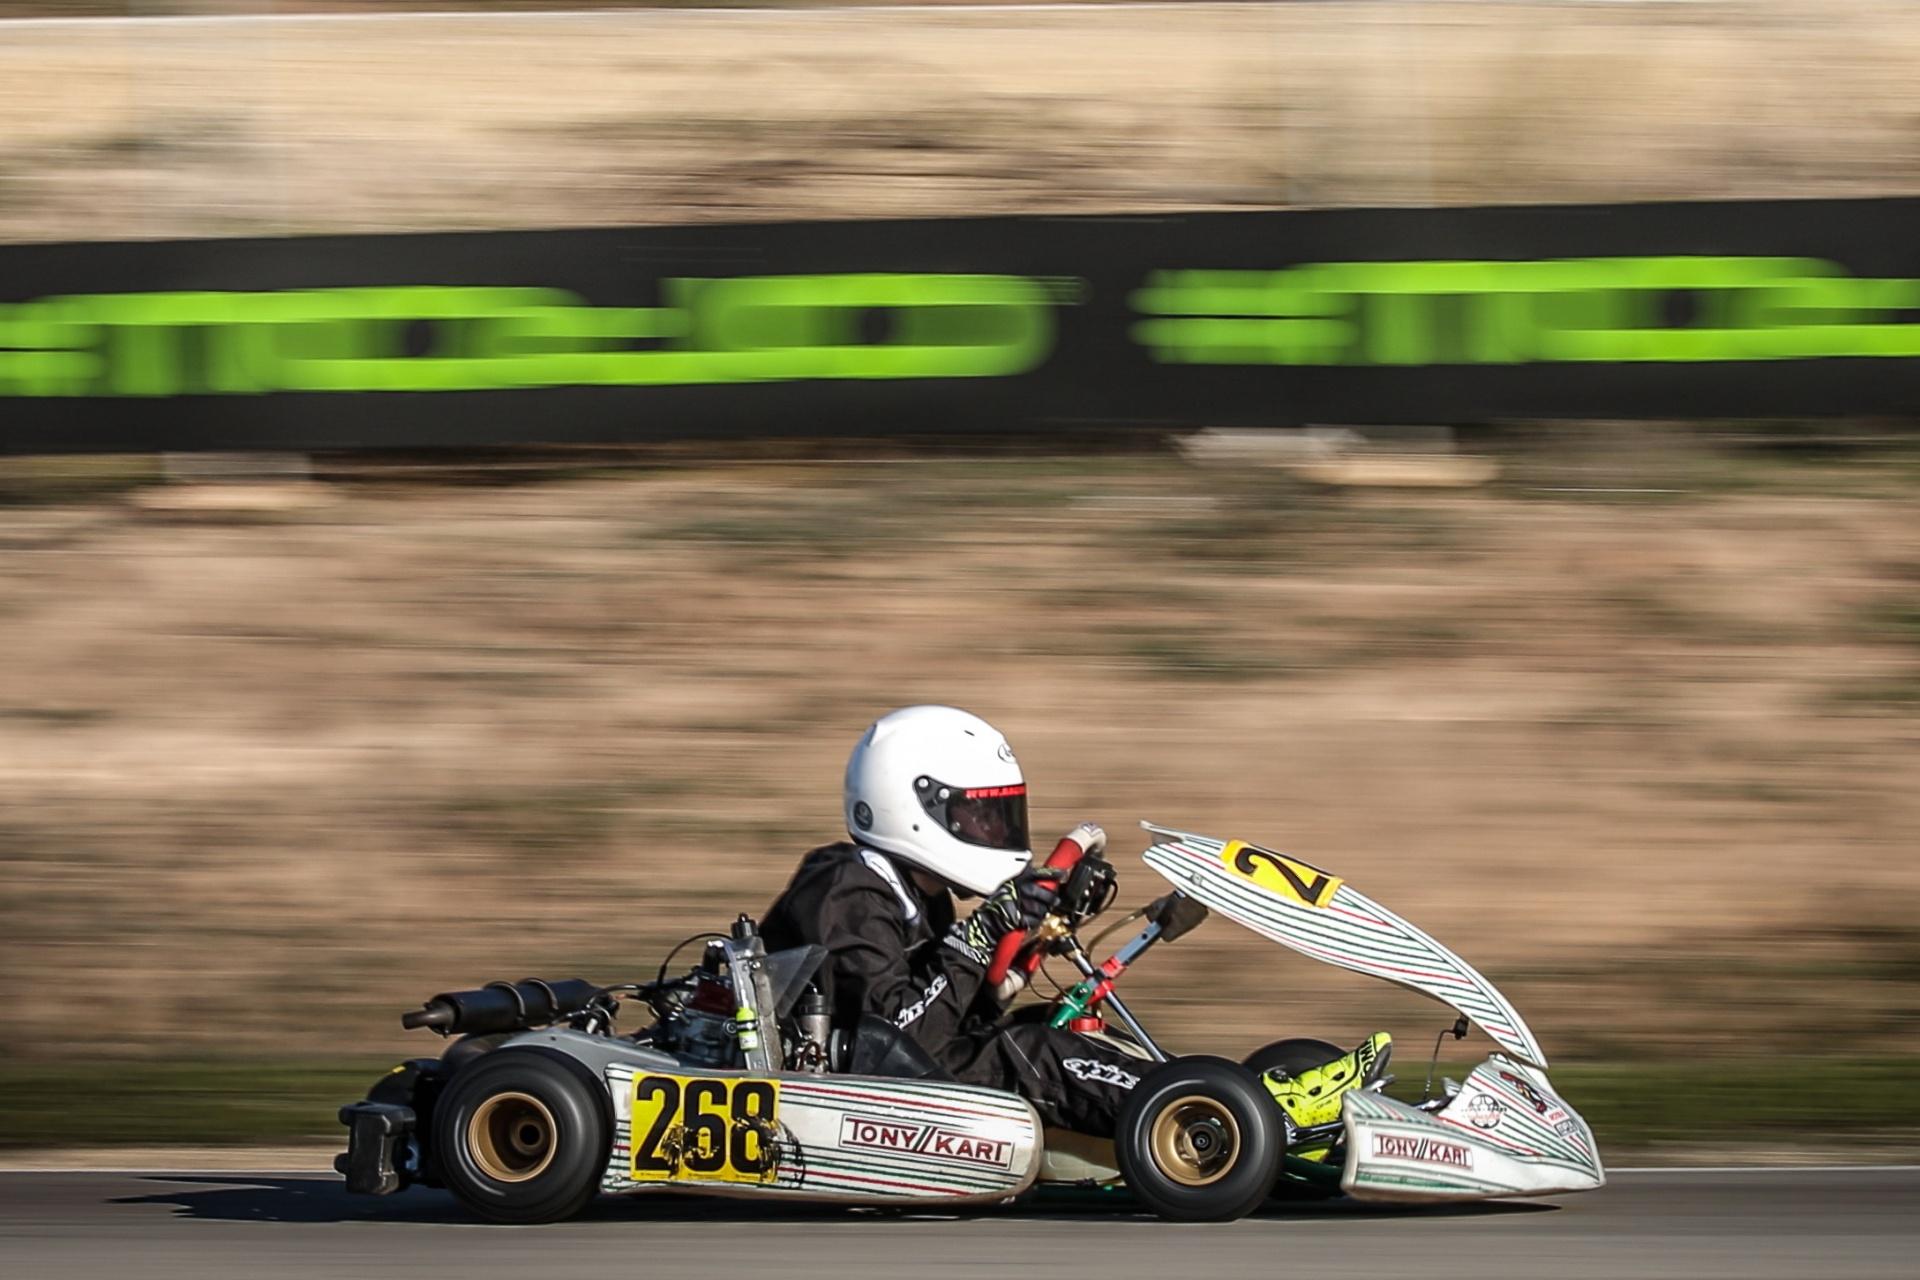 Inicio de temporada positivo para Guillermo Pernía en las competiciones Rotax